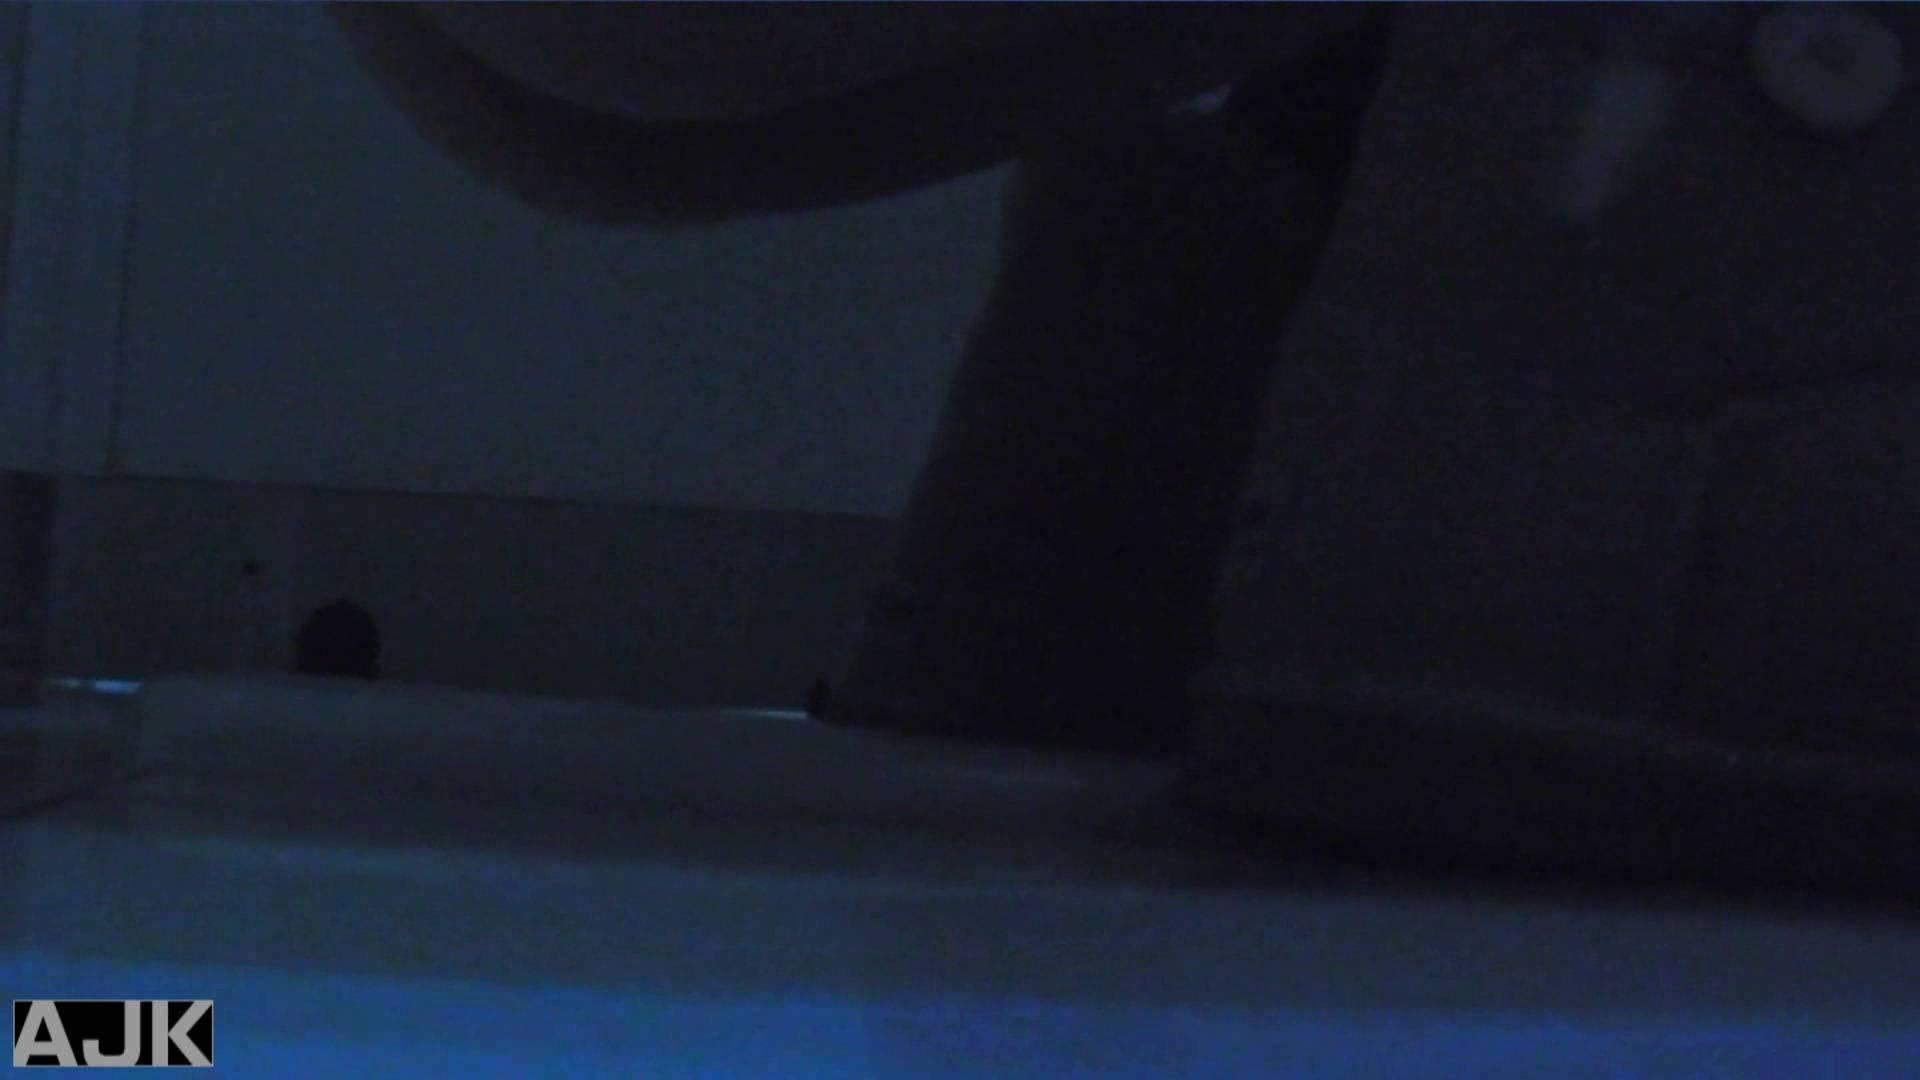 神降臨!史上最強の潜入かわや! vol.05 オマンコ 盗み撮り動画キャプチャ 92連発 68